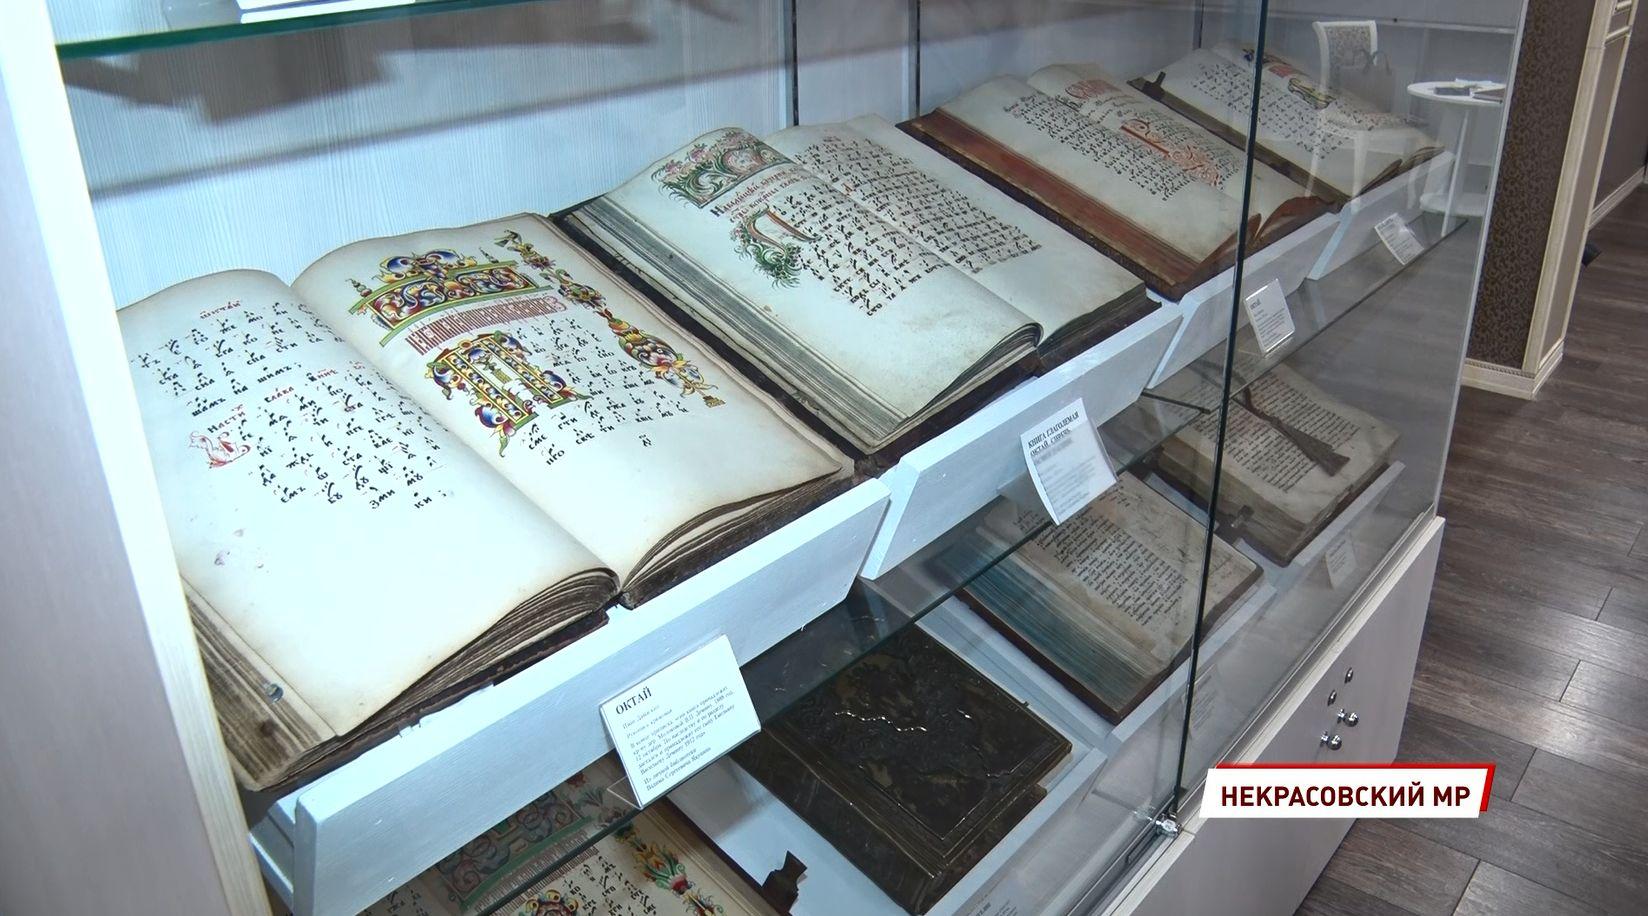 В селе Вятское Некрасовского района Ярославской области открылась выставка старообрядческих книг и икон